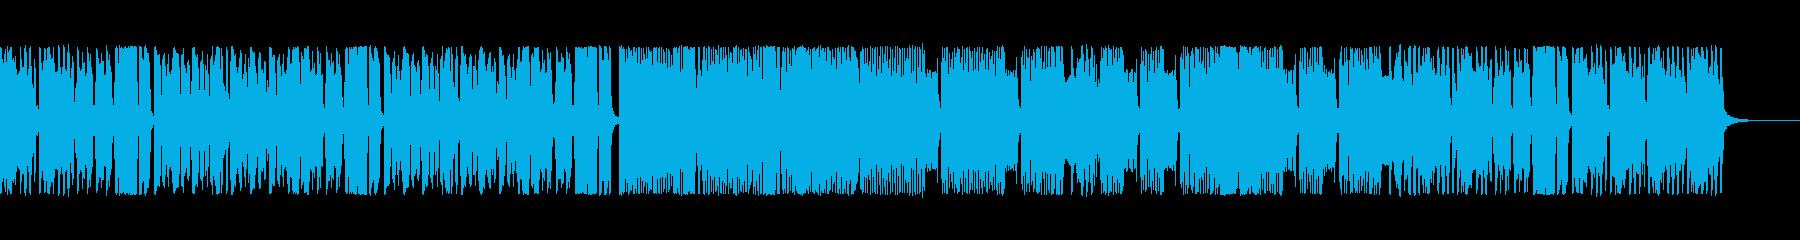 おもちゃ楽器の演奏と、ファミコン風BGMの再生済みの波形